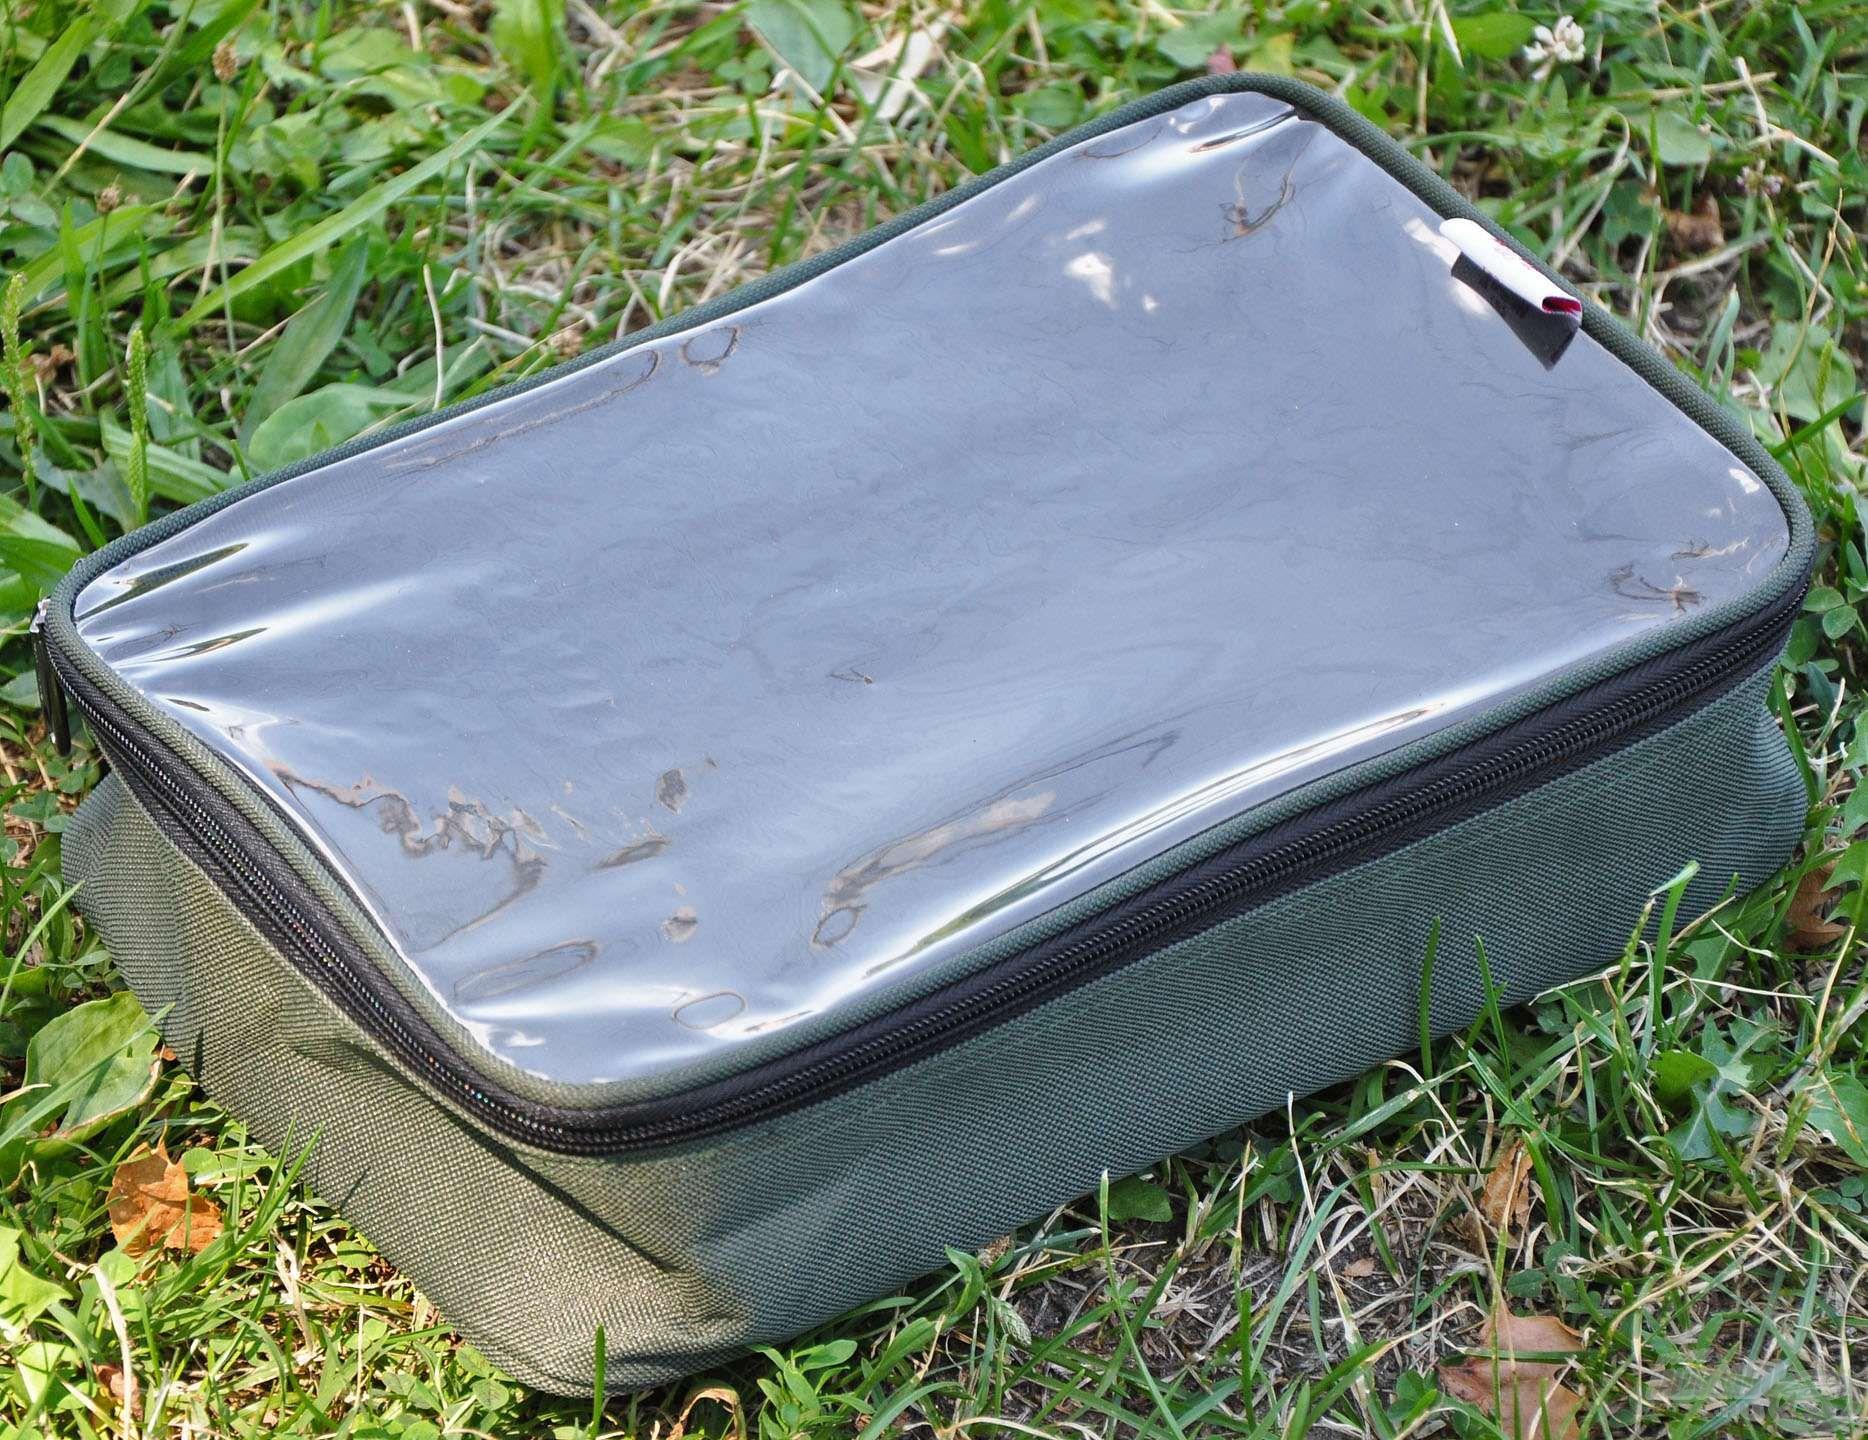 Szinte bármilyen kiegészítő vagy személyes tárgy tárolására használható ez az ügyes kis átlátszó tetejű táska